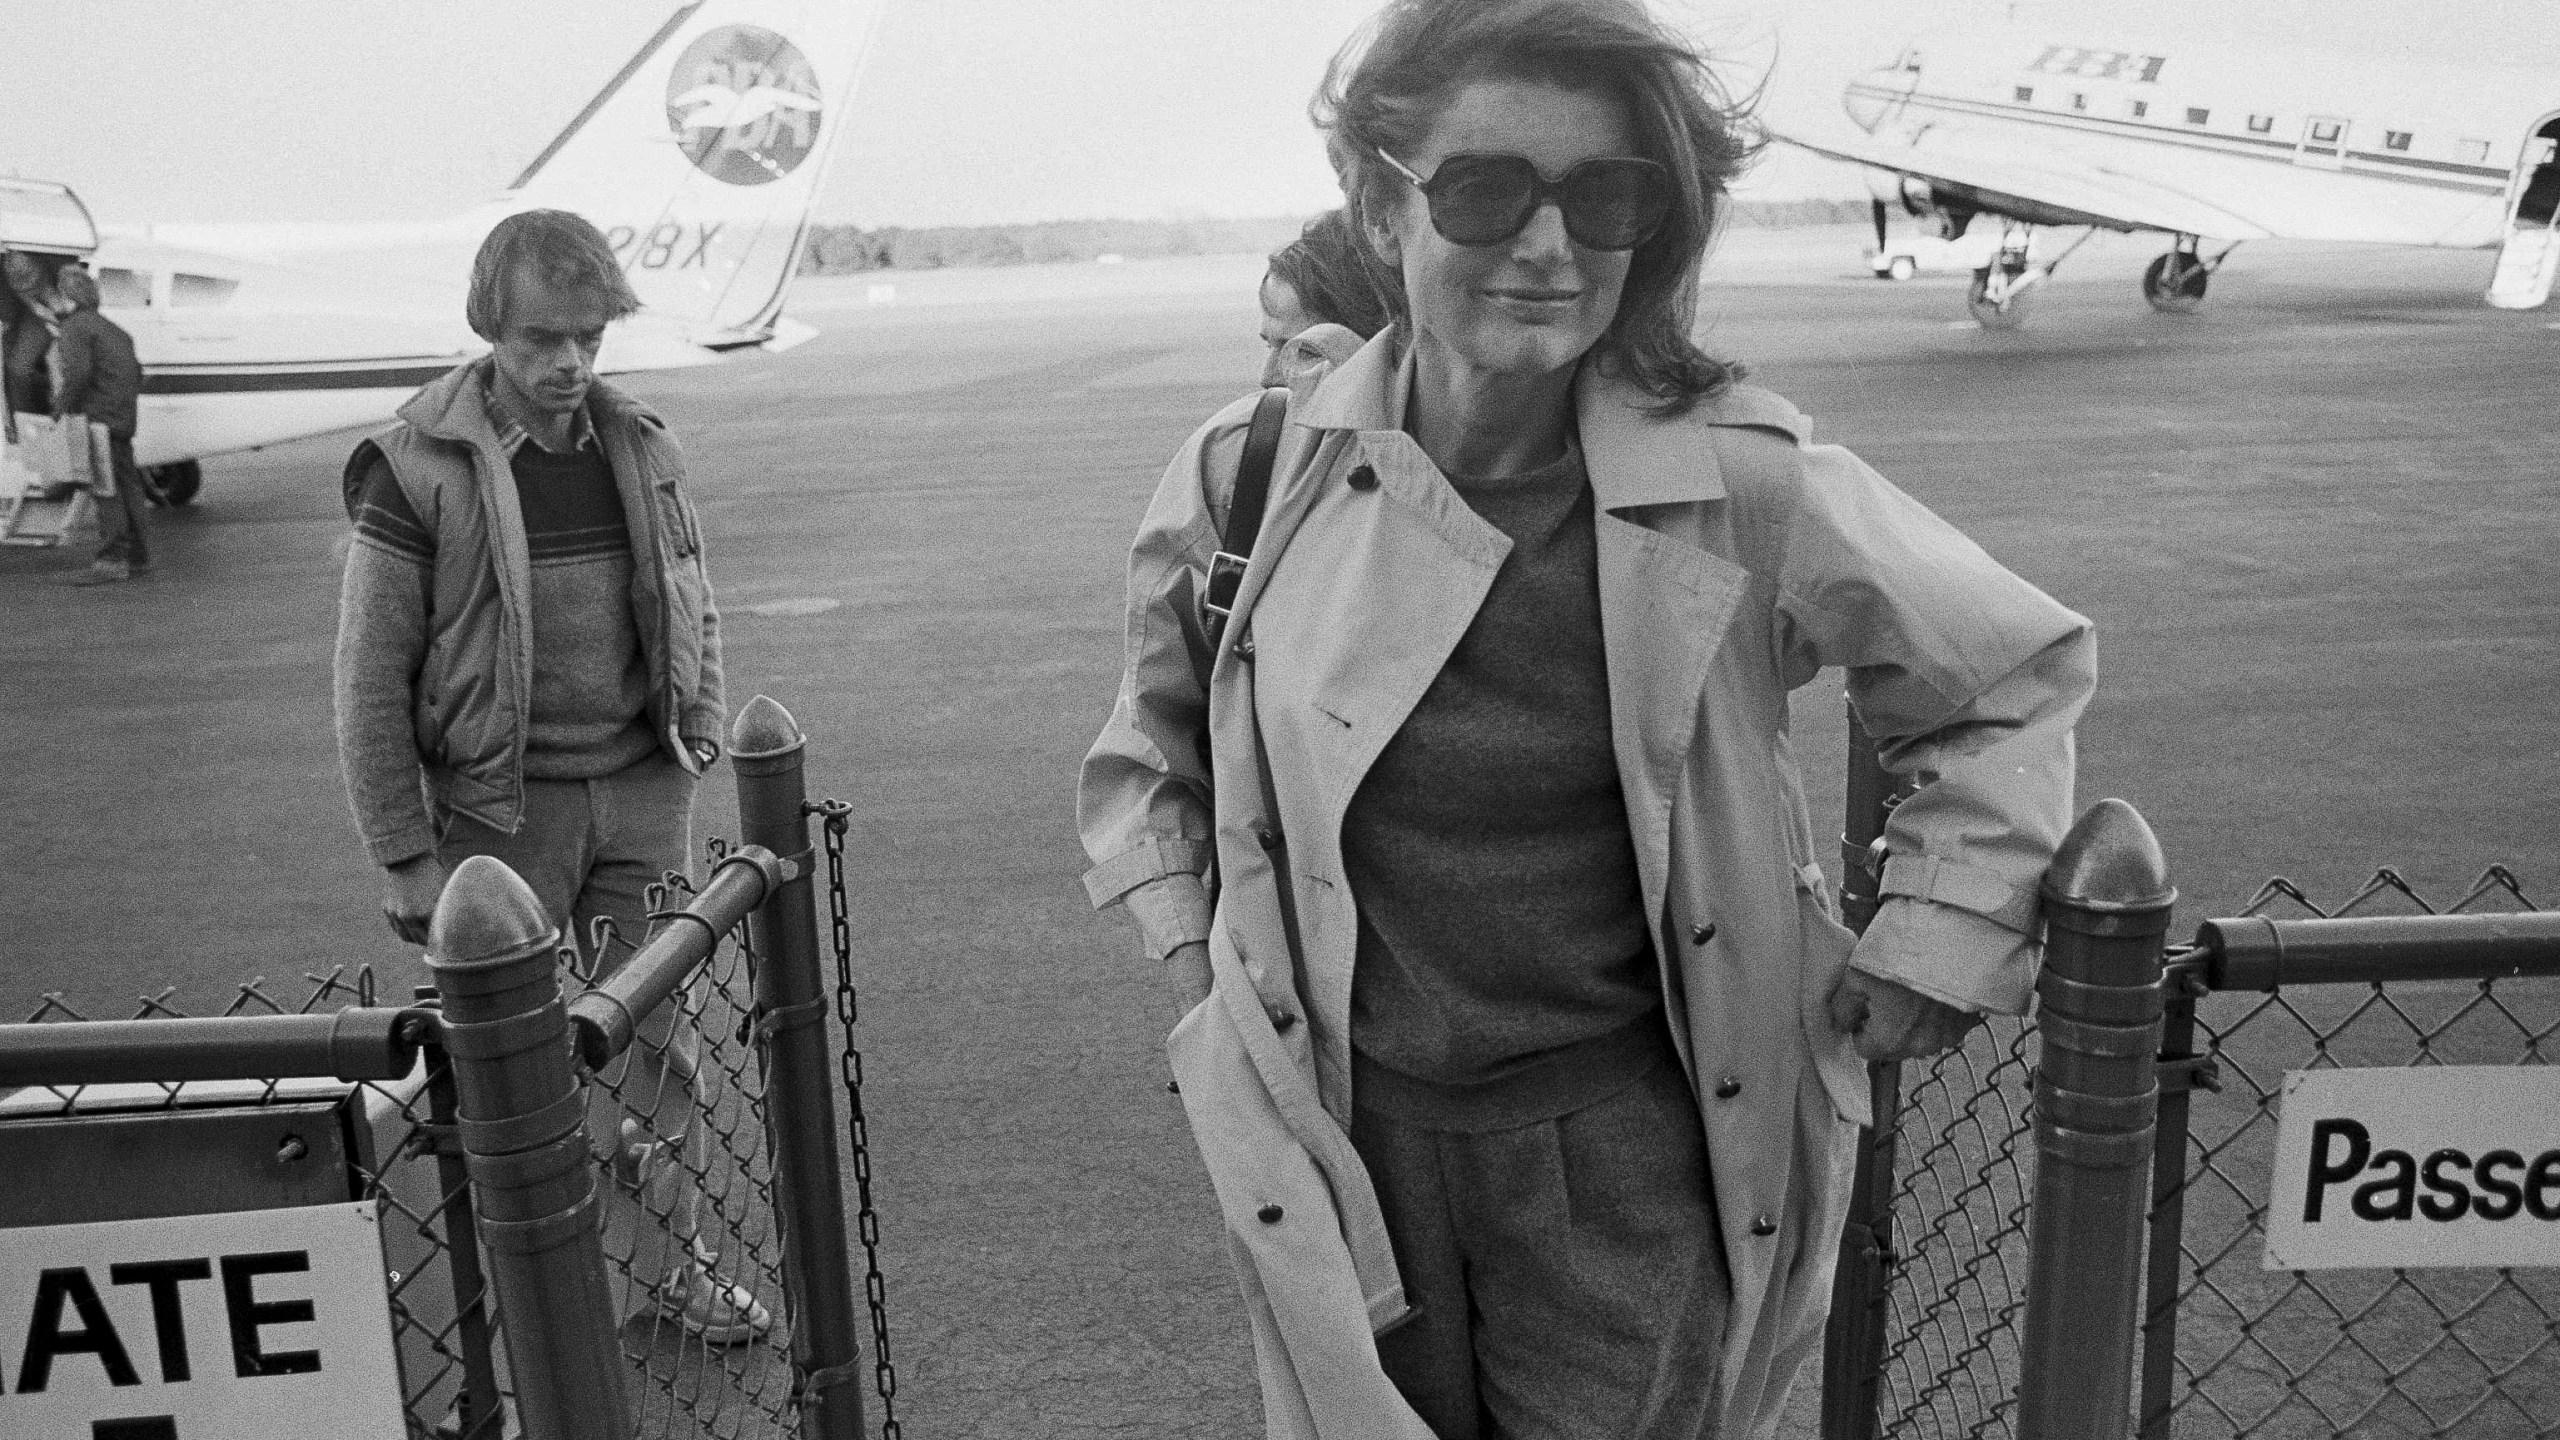 Jacqueline Kennedy Onassis, Jacqueline Onassis